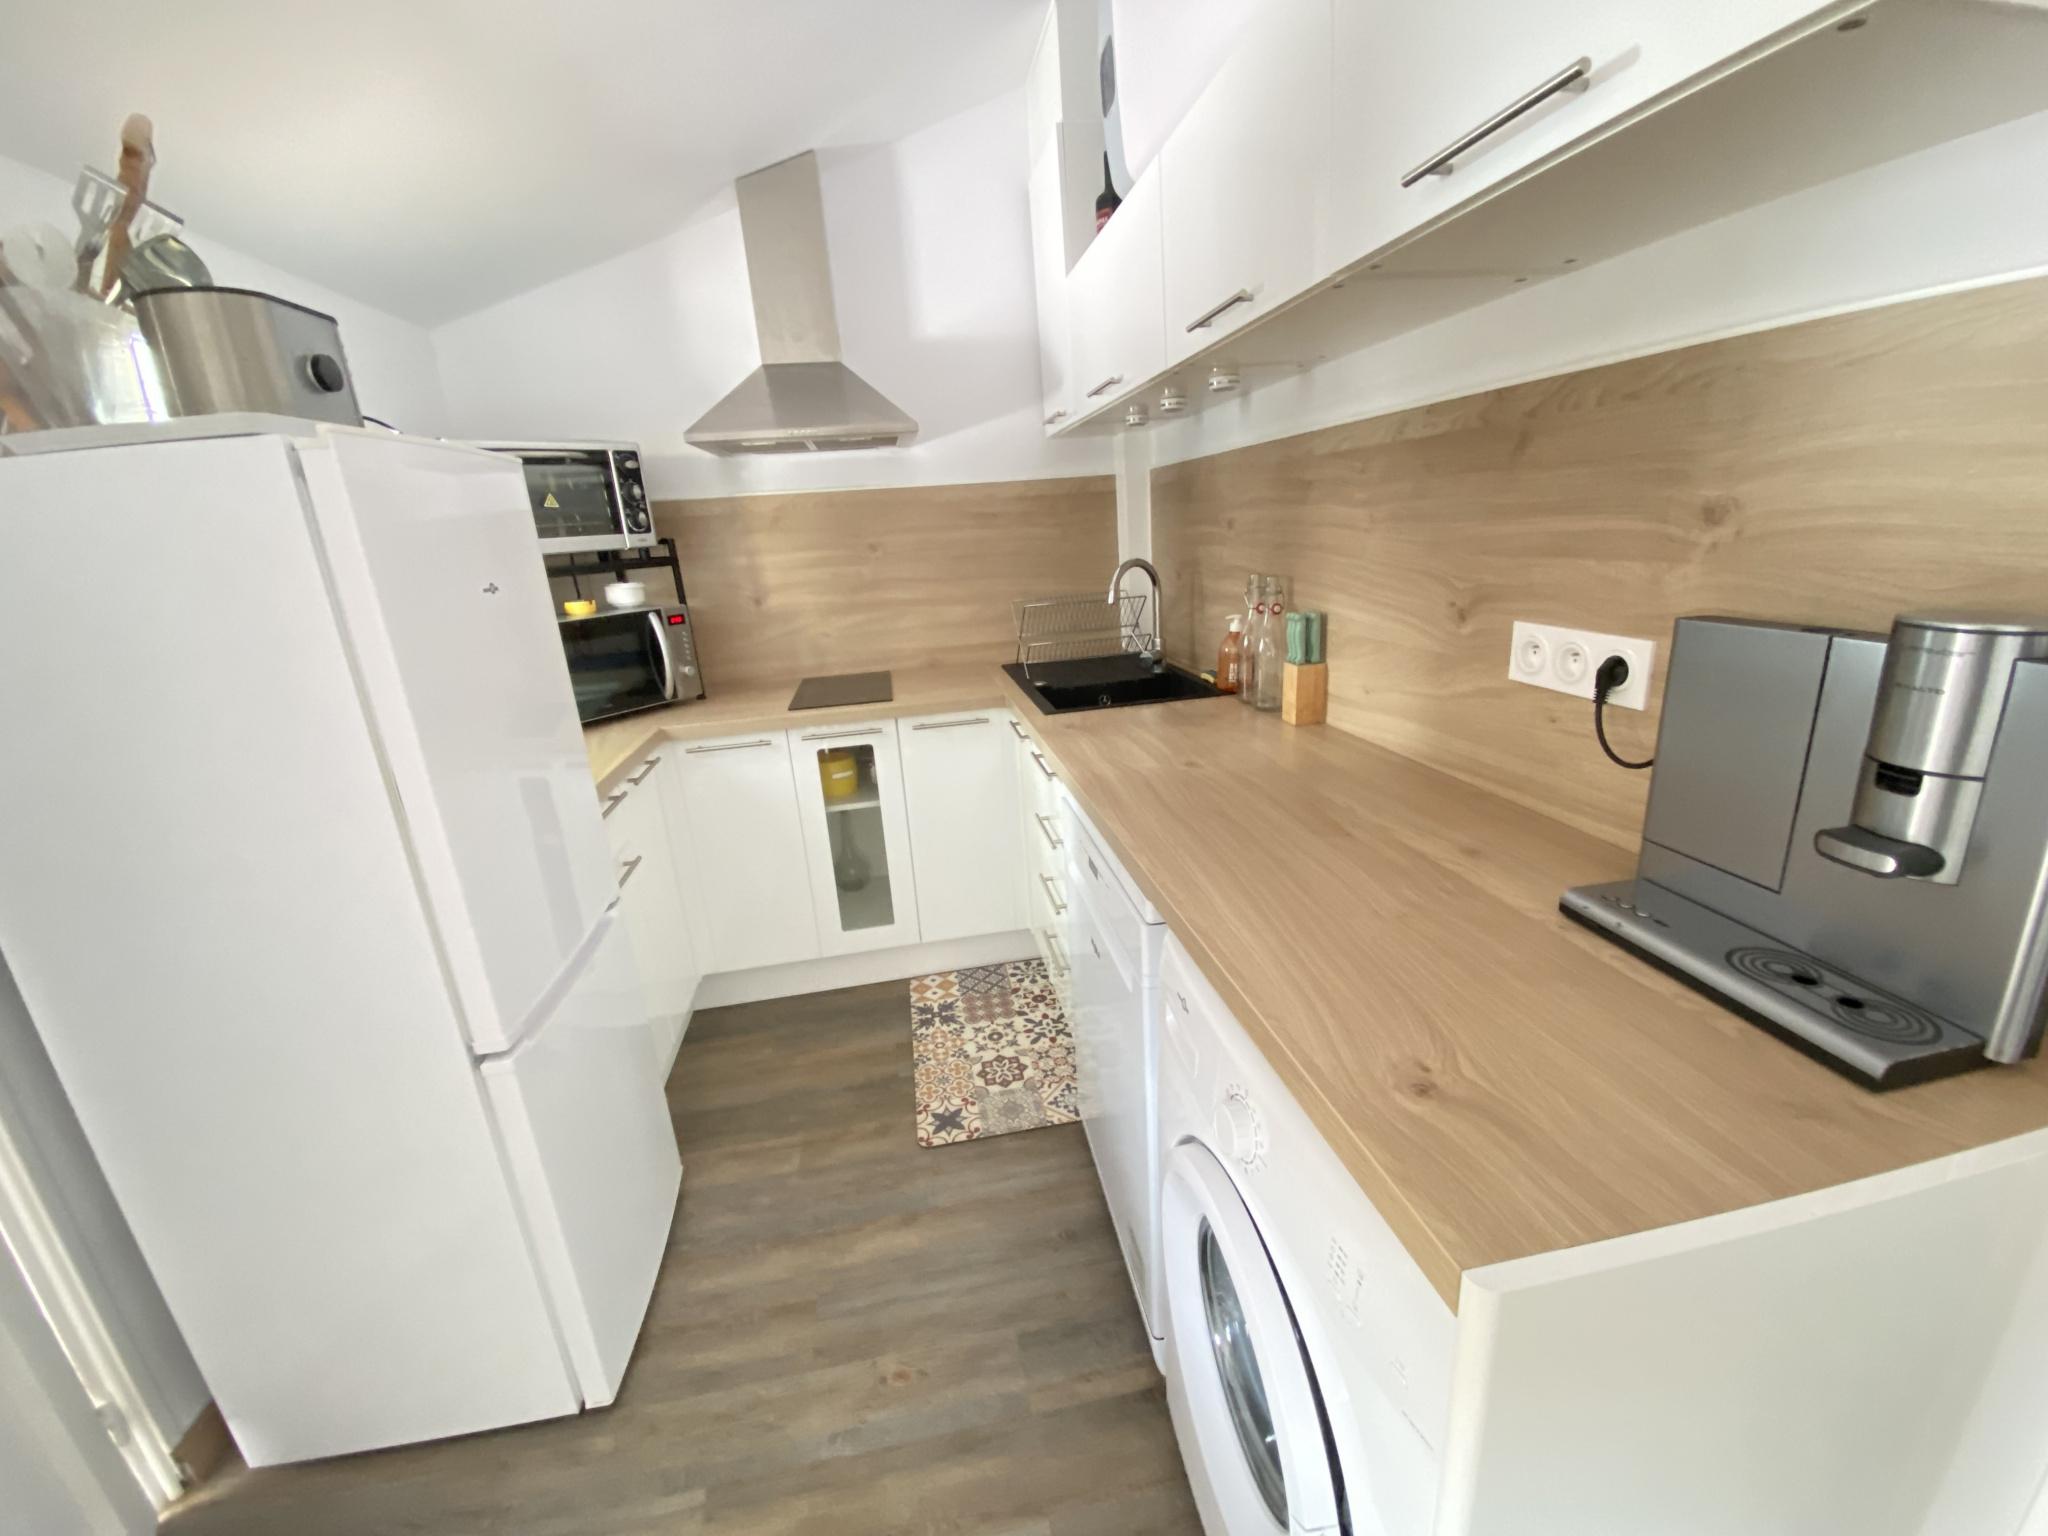 À vendre maison/villa de 34m2 à argeles sur mer (66700) - Photo 1'